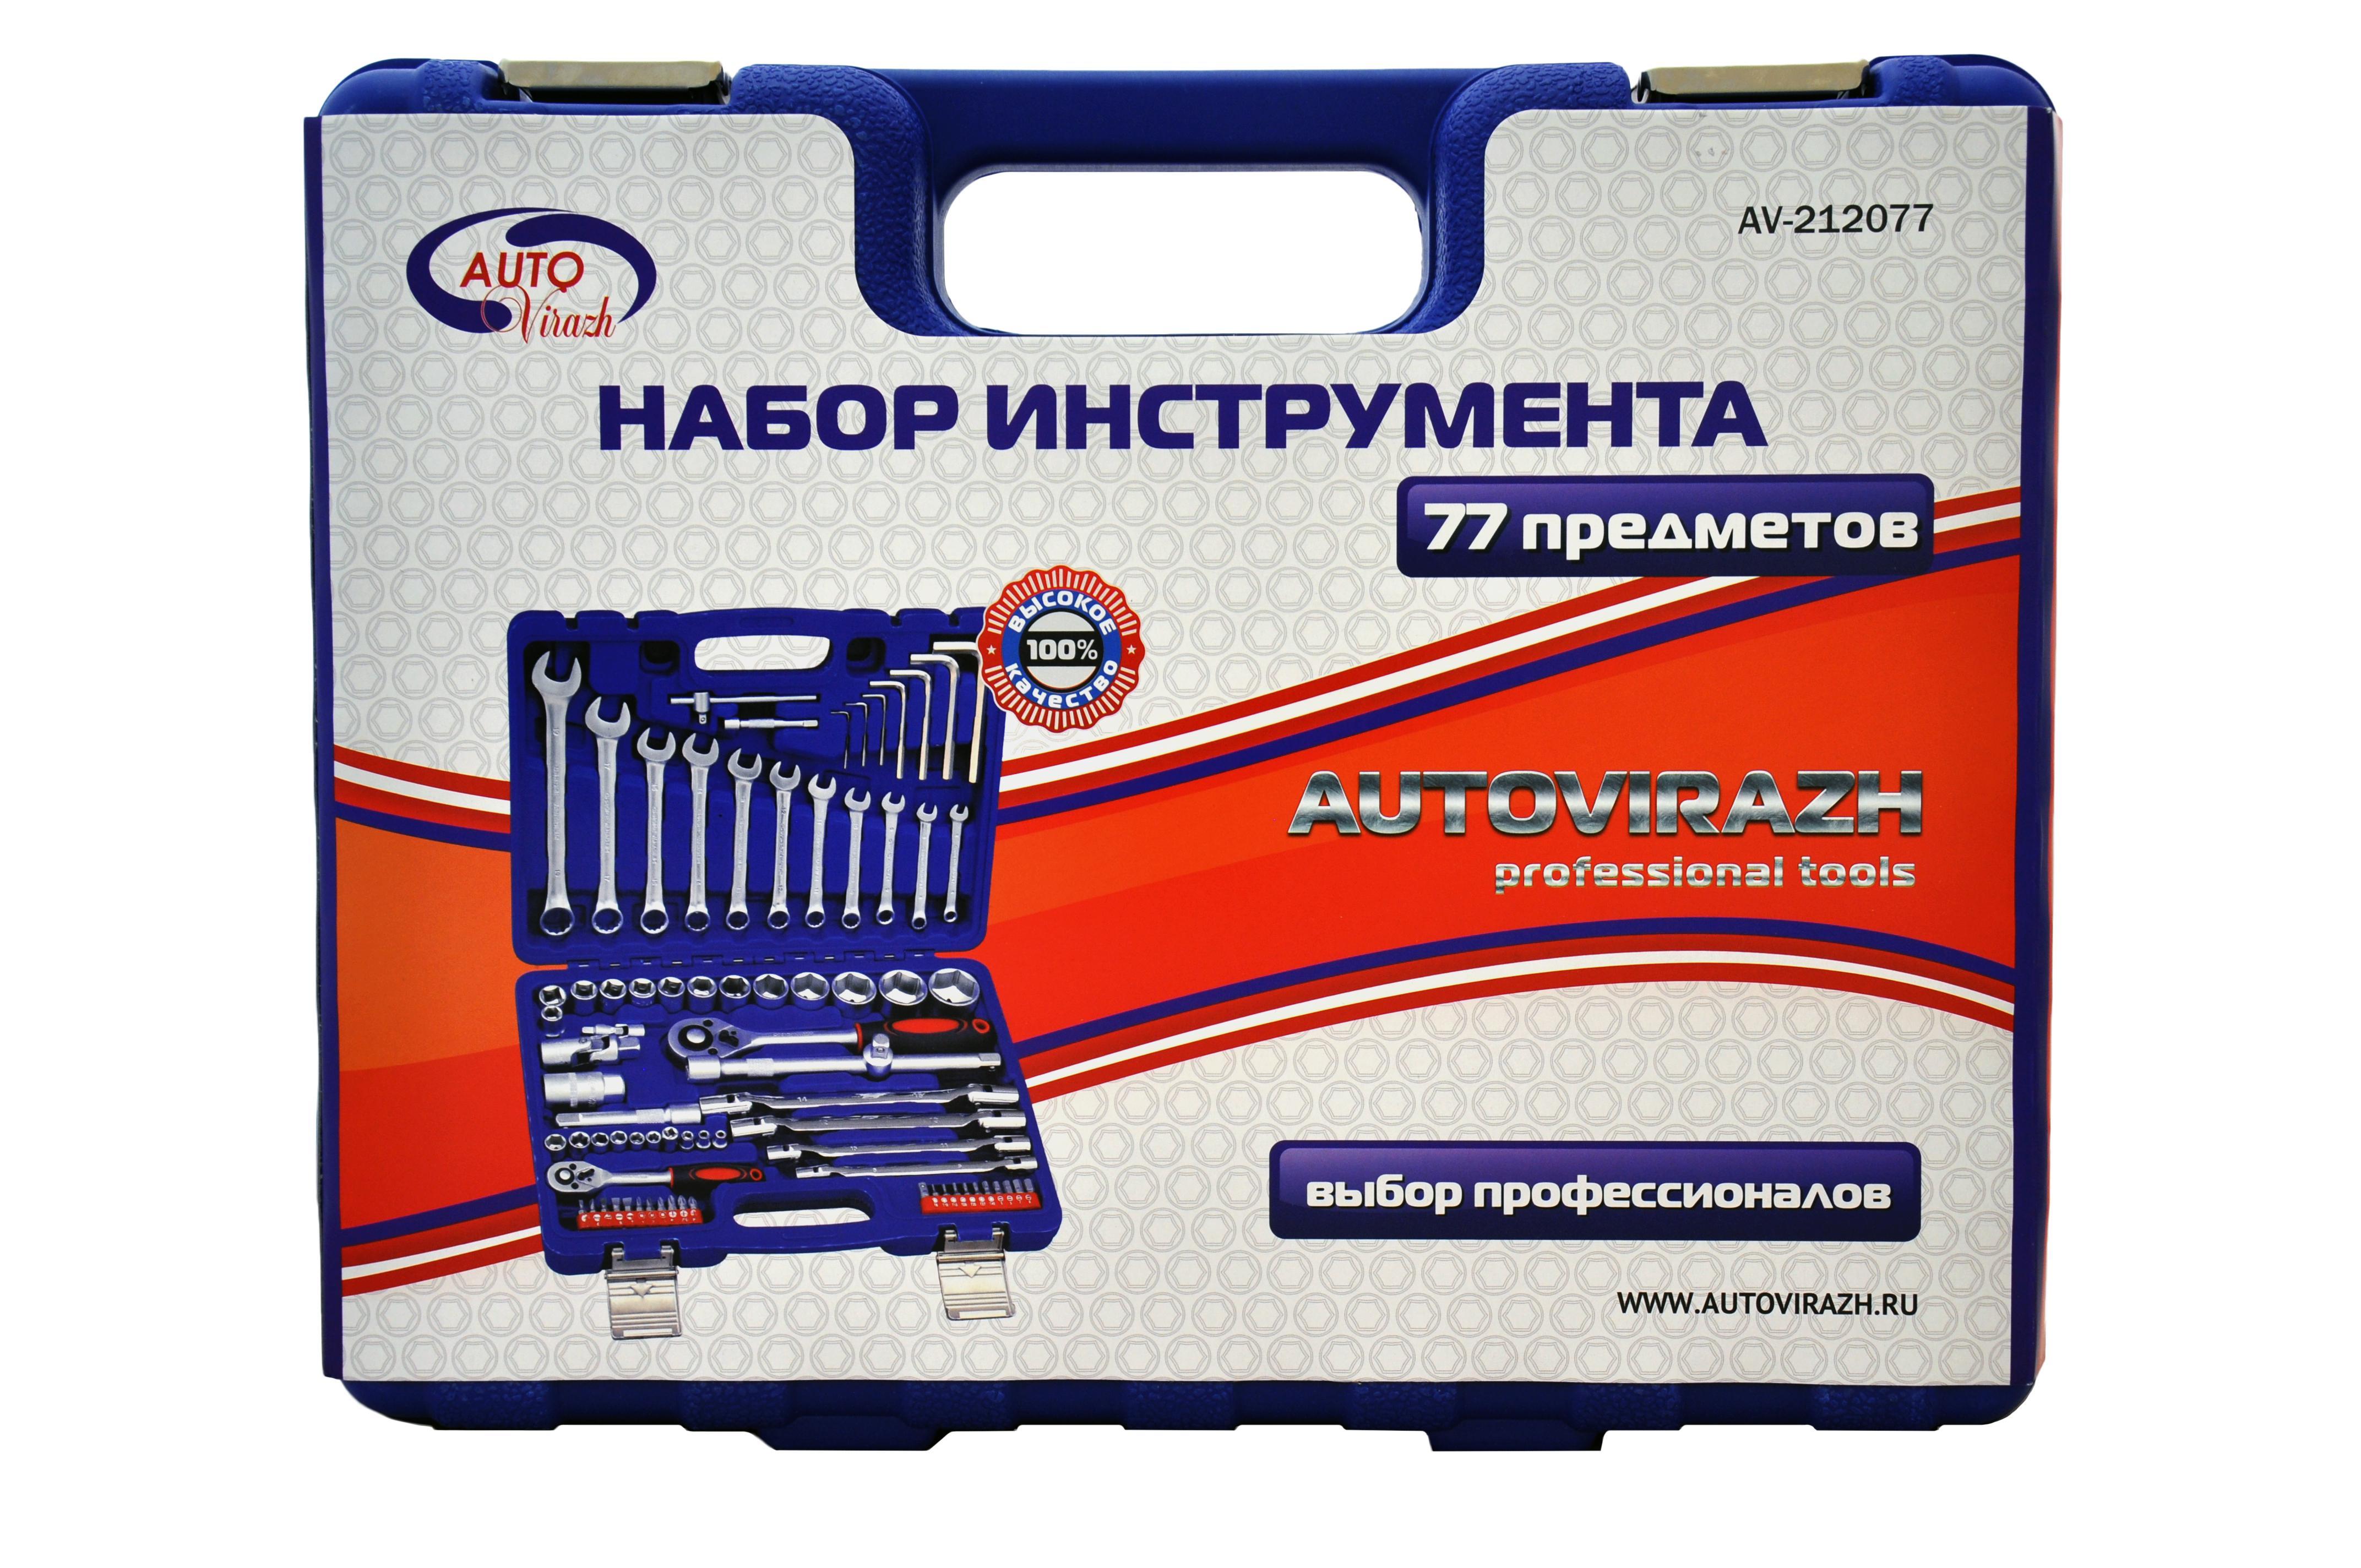 Набор инструментов Autovirazh Av-212077